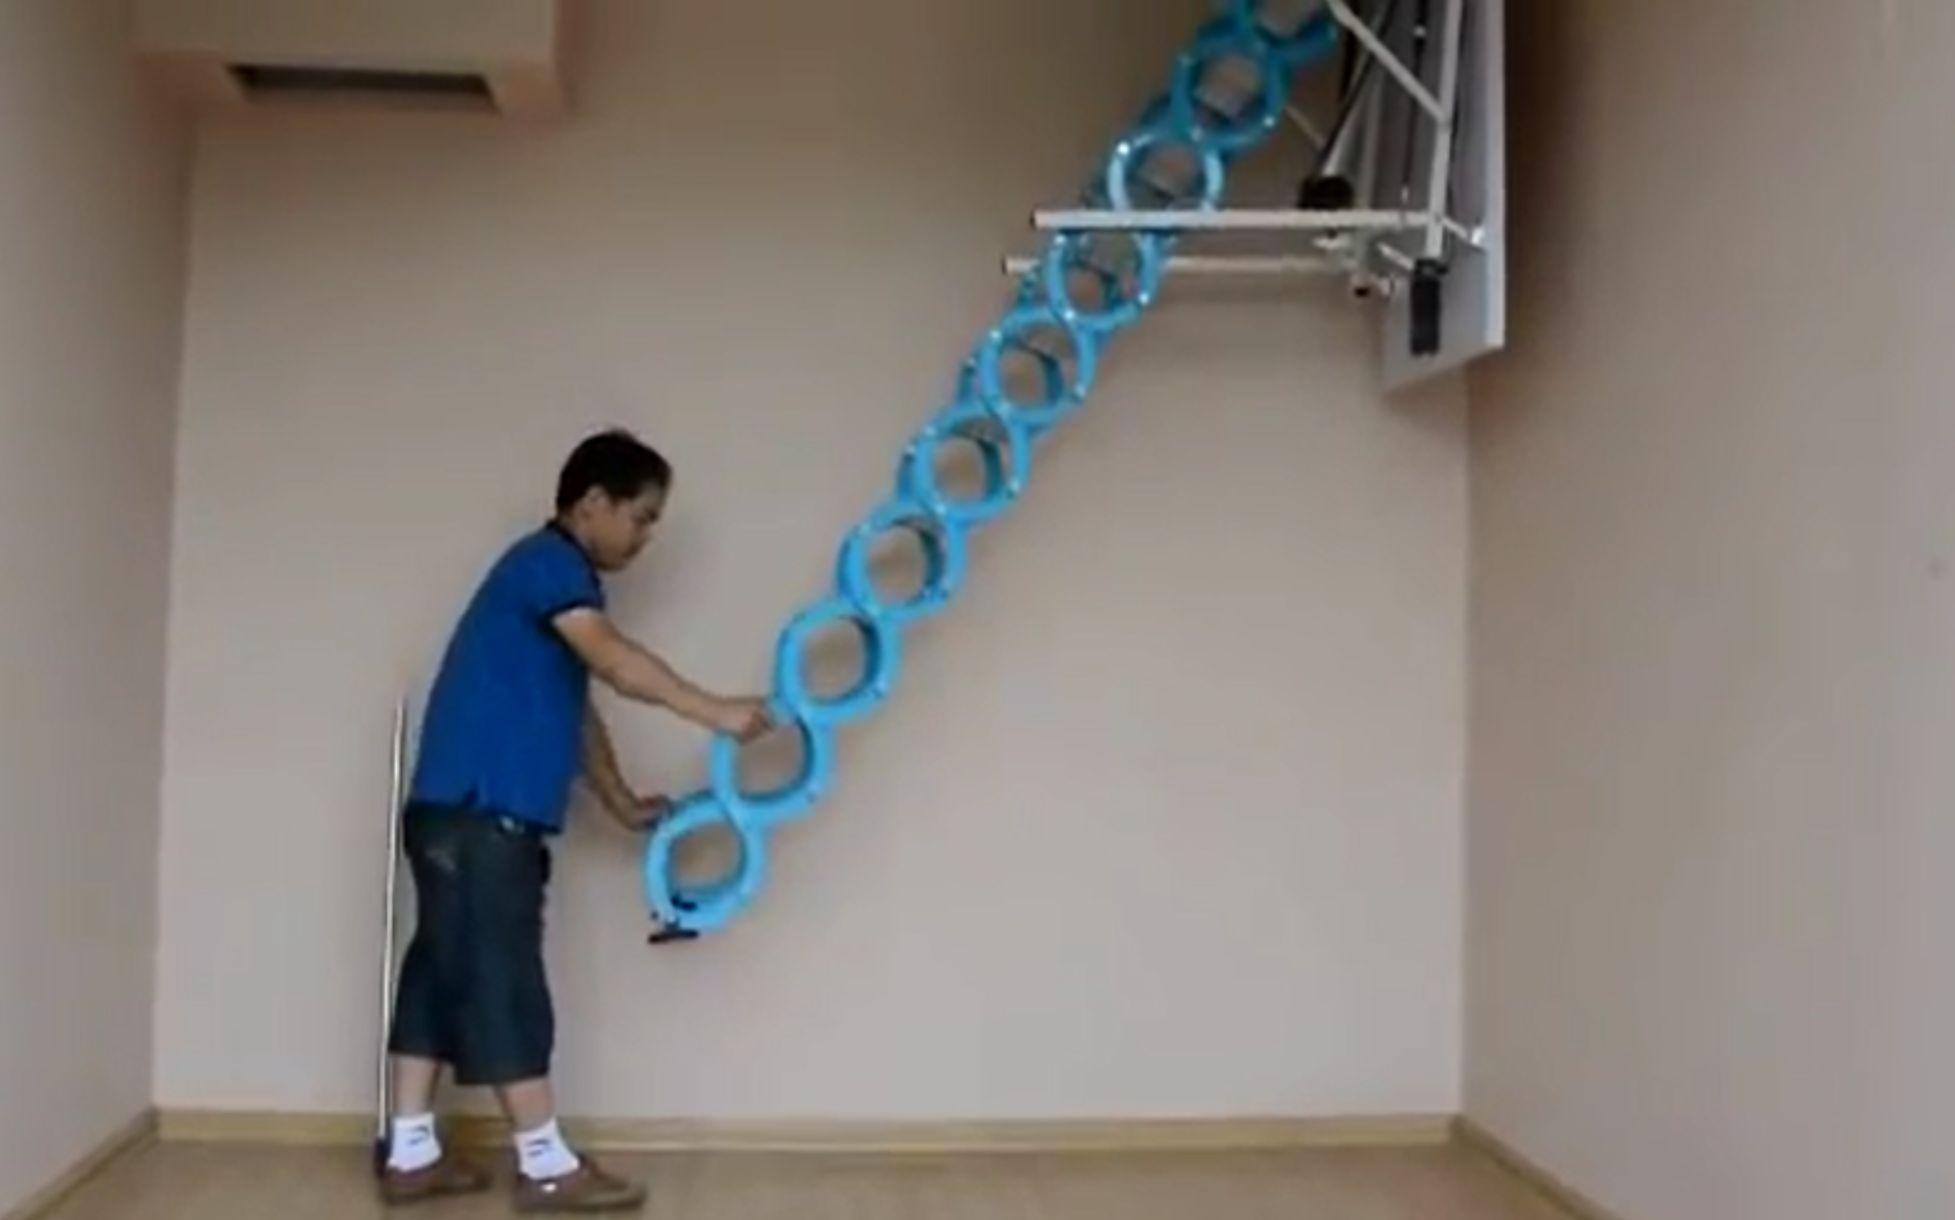 中国牛人发明伸缩楼梯实用性,秒超德国家具!